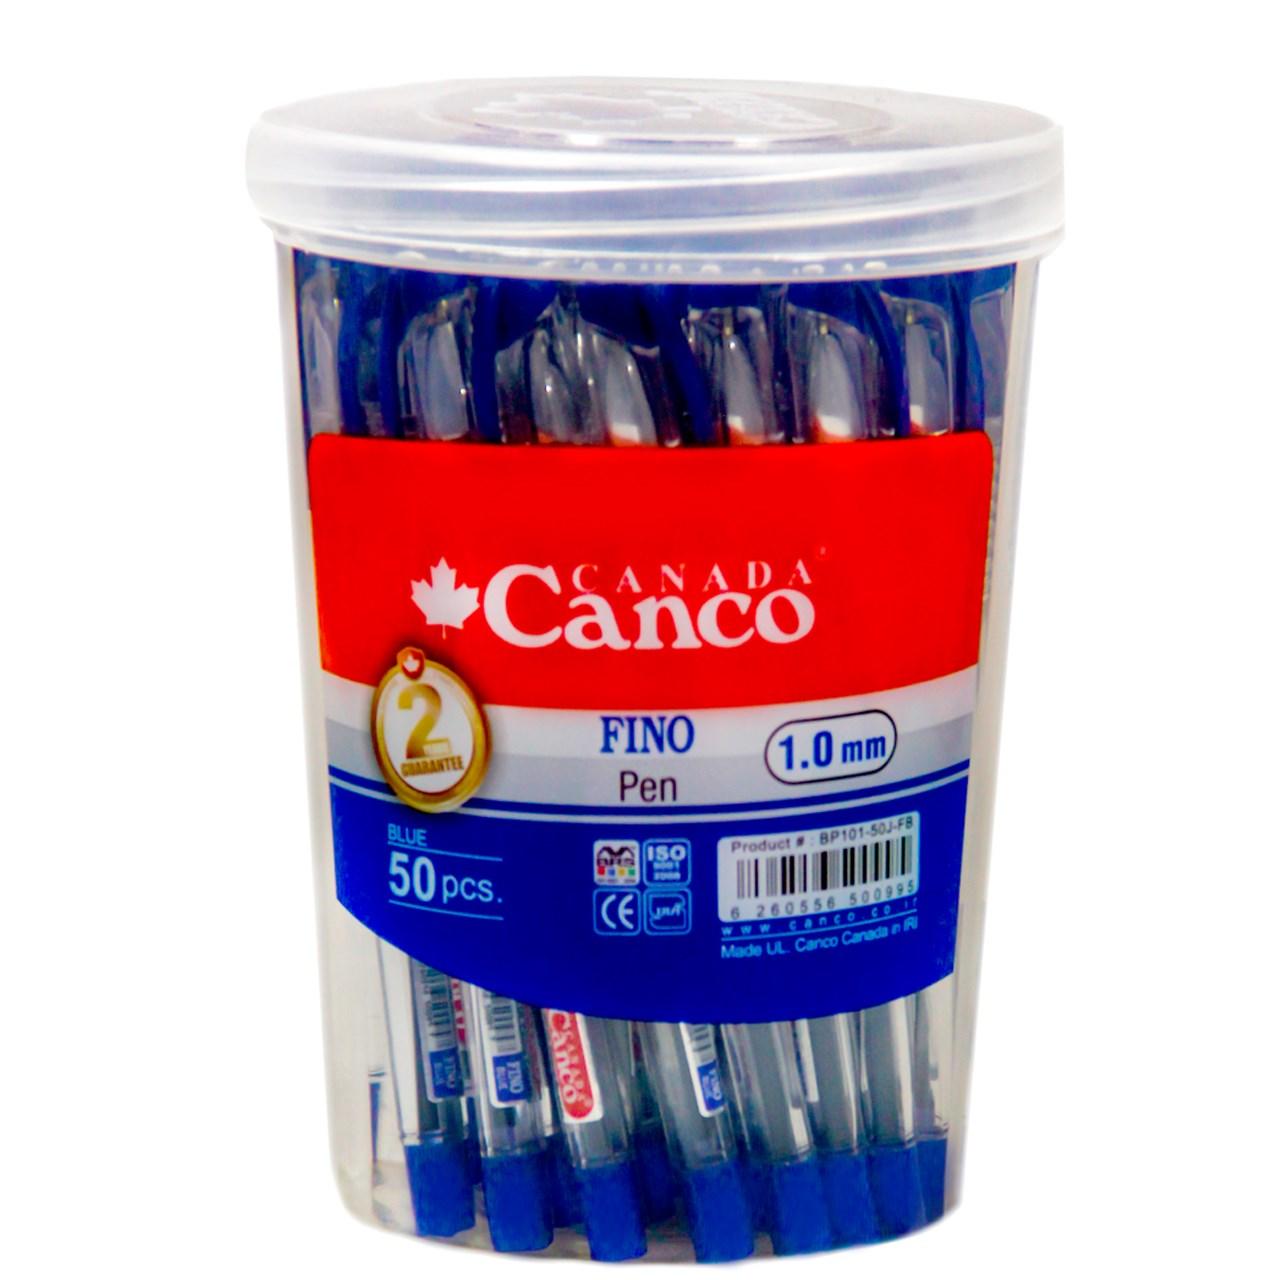 خودکار کنکو مدل FINO بسته 50 عددی